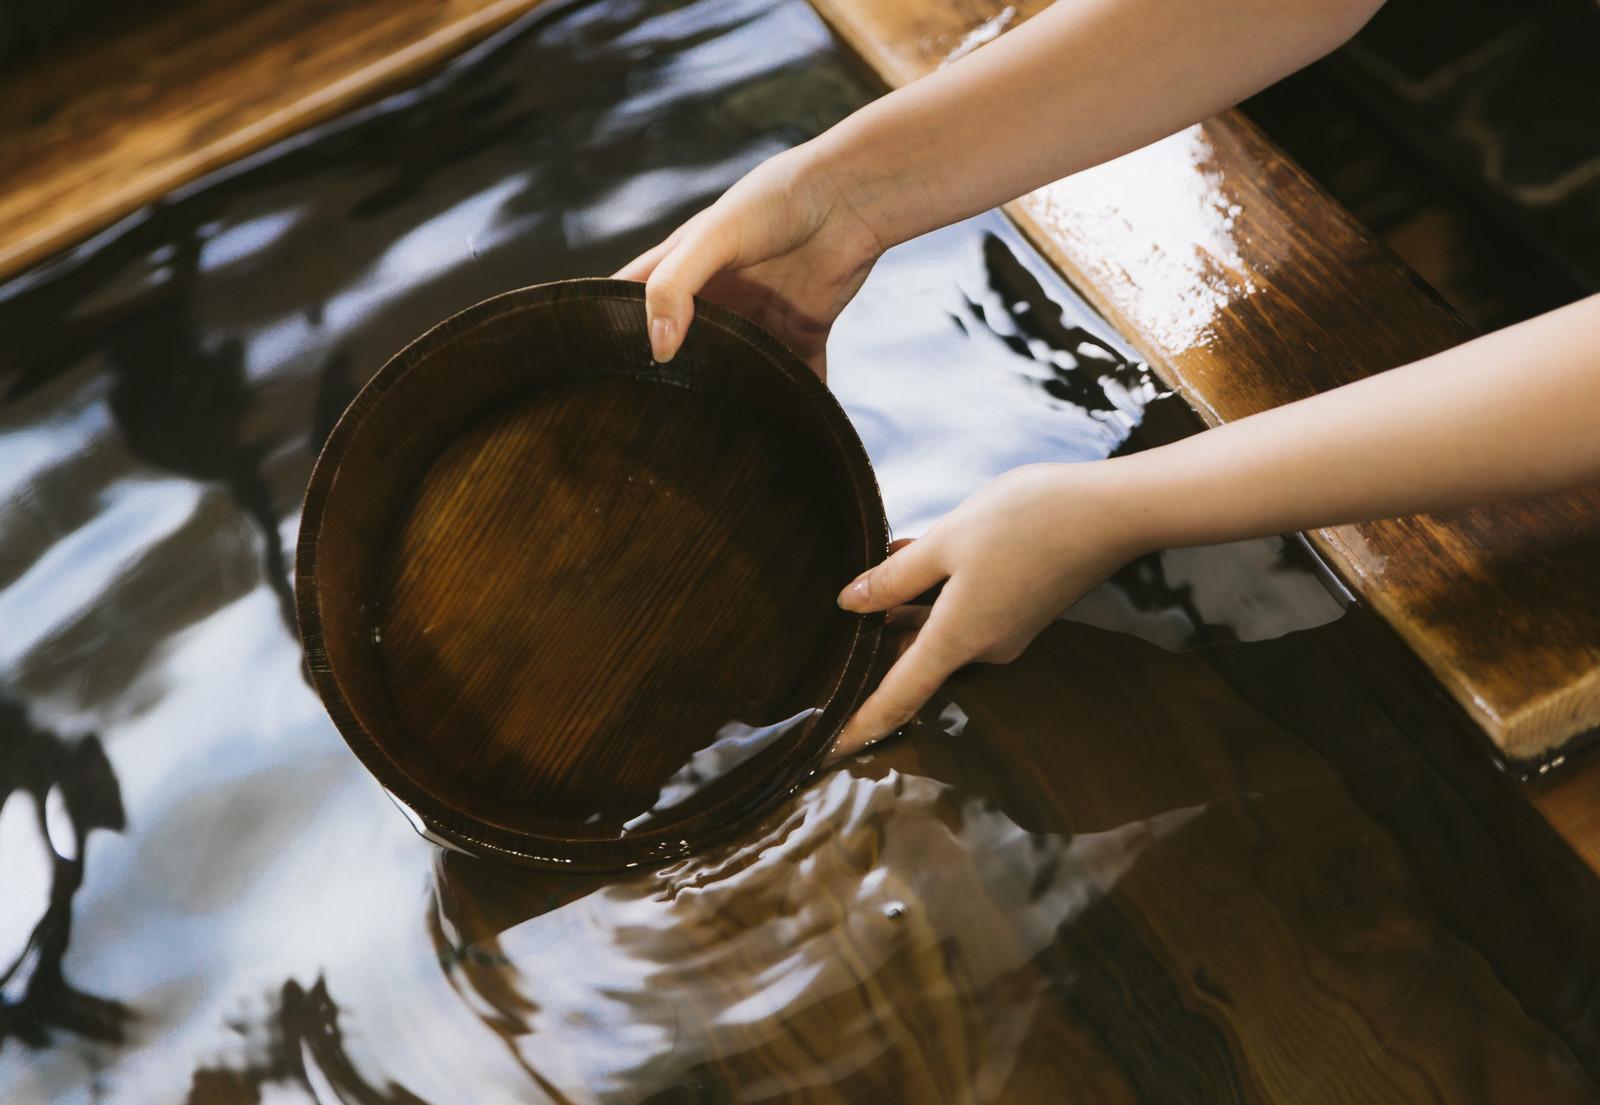 日本湯小屋物語は家族風呂がおすすめ!宿泊や日帰りでも使える人気スポット!